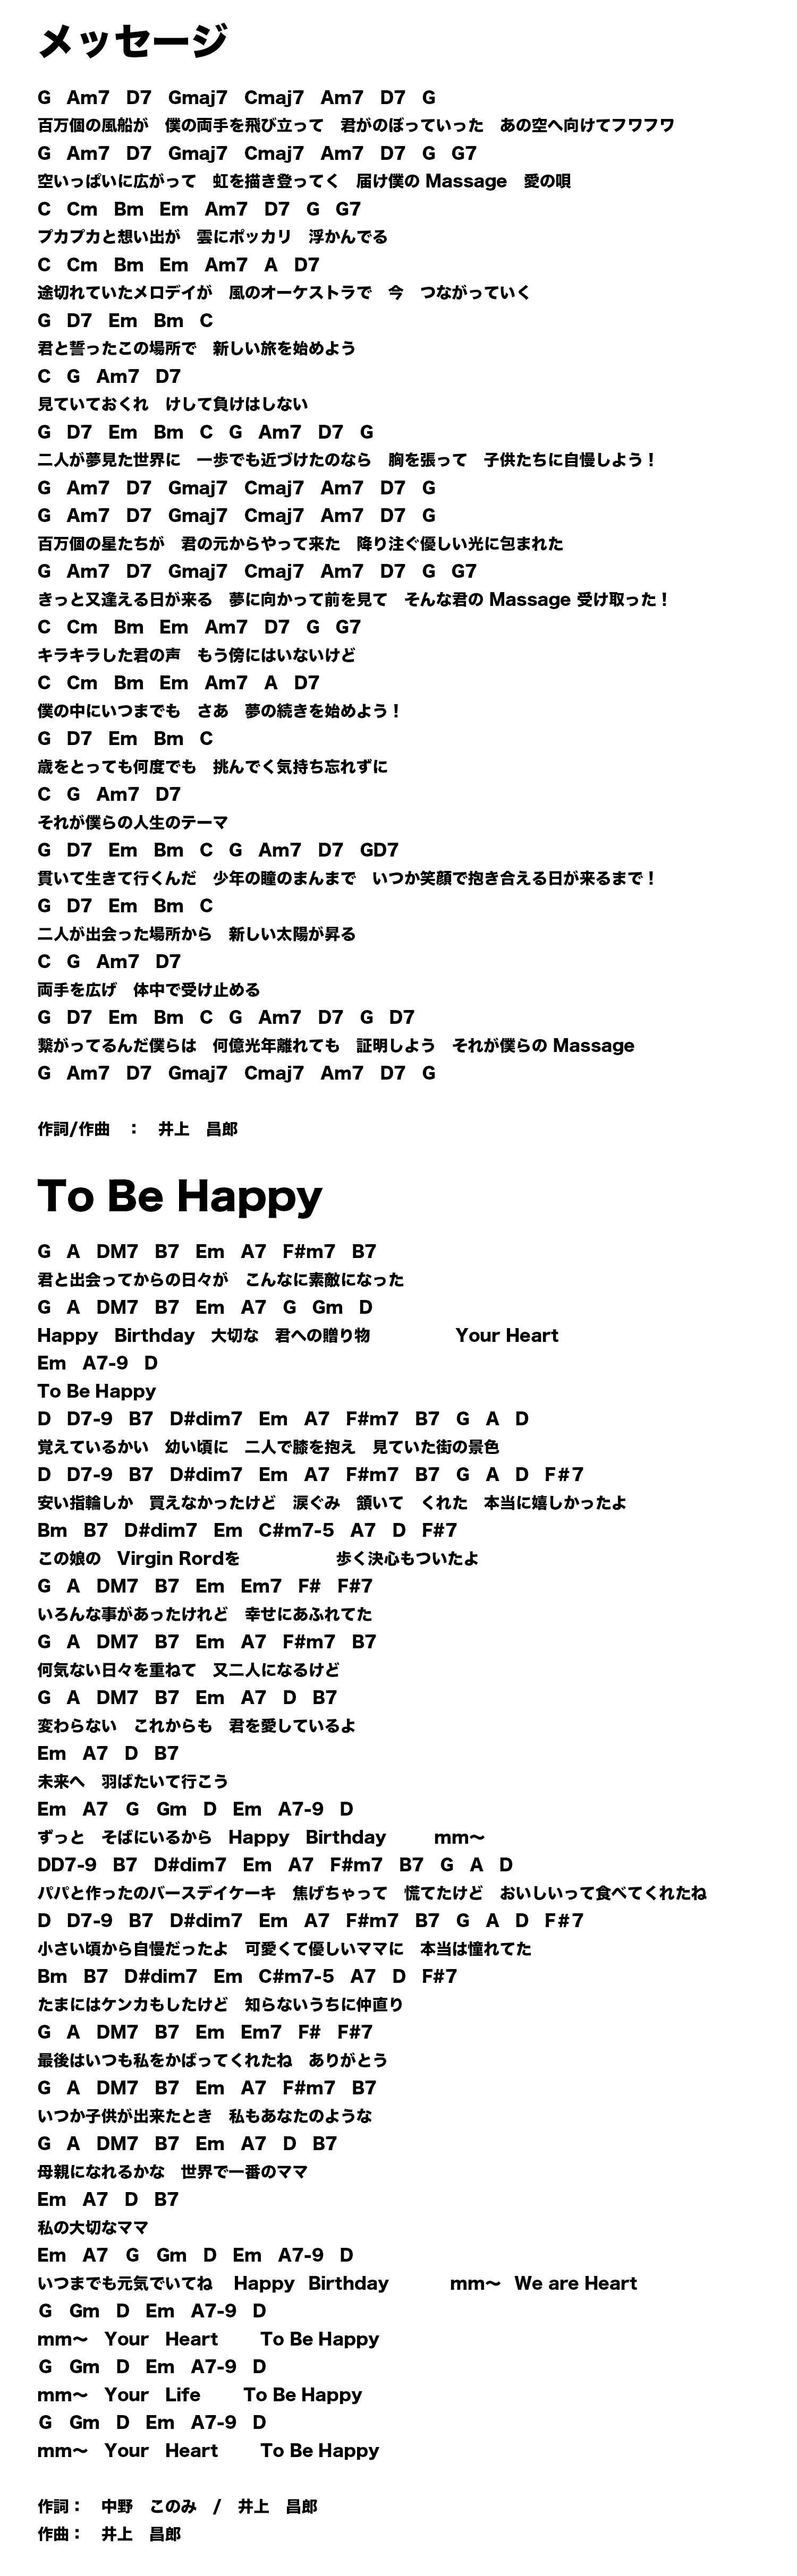 歌詞05.jpg